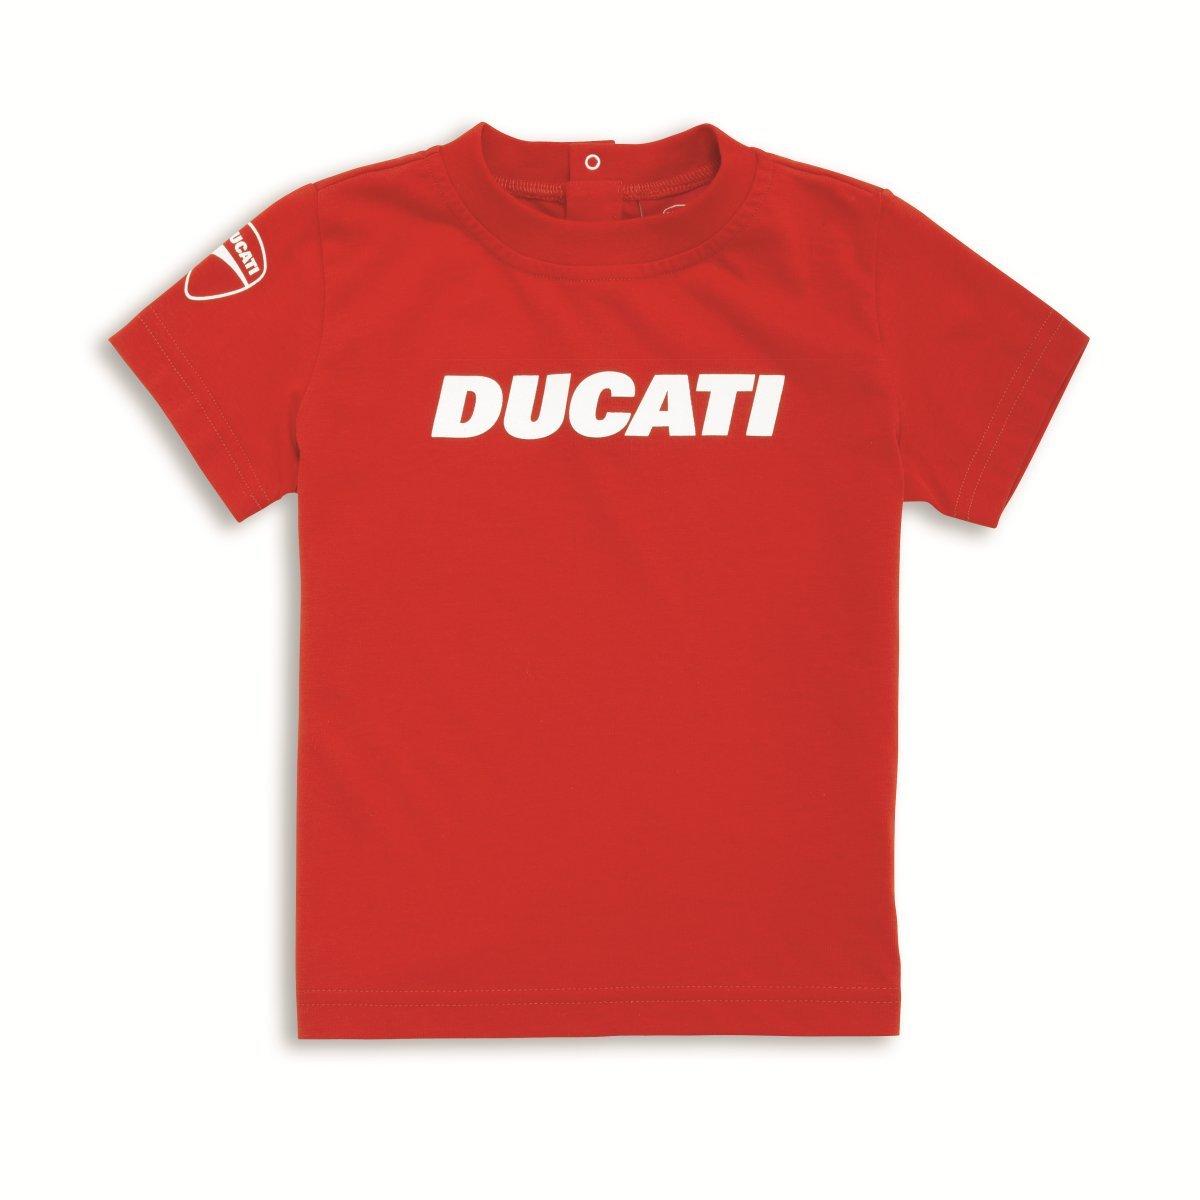 Kids Ducatiana T-Shirt 9876906 (1-2Years)